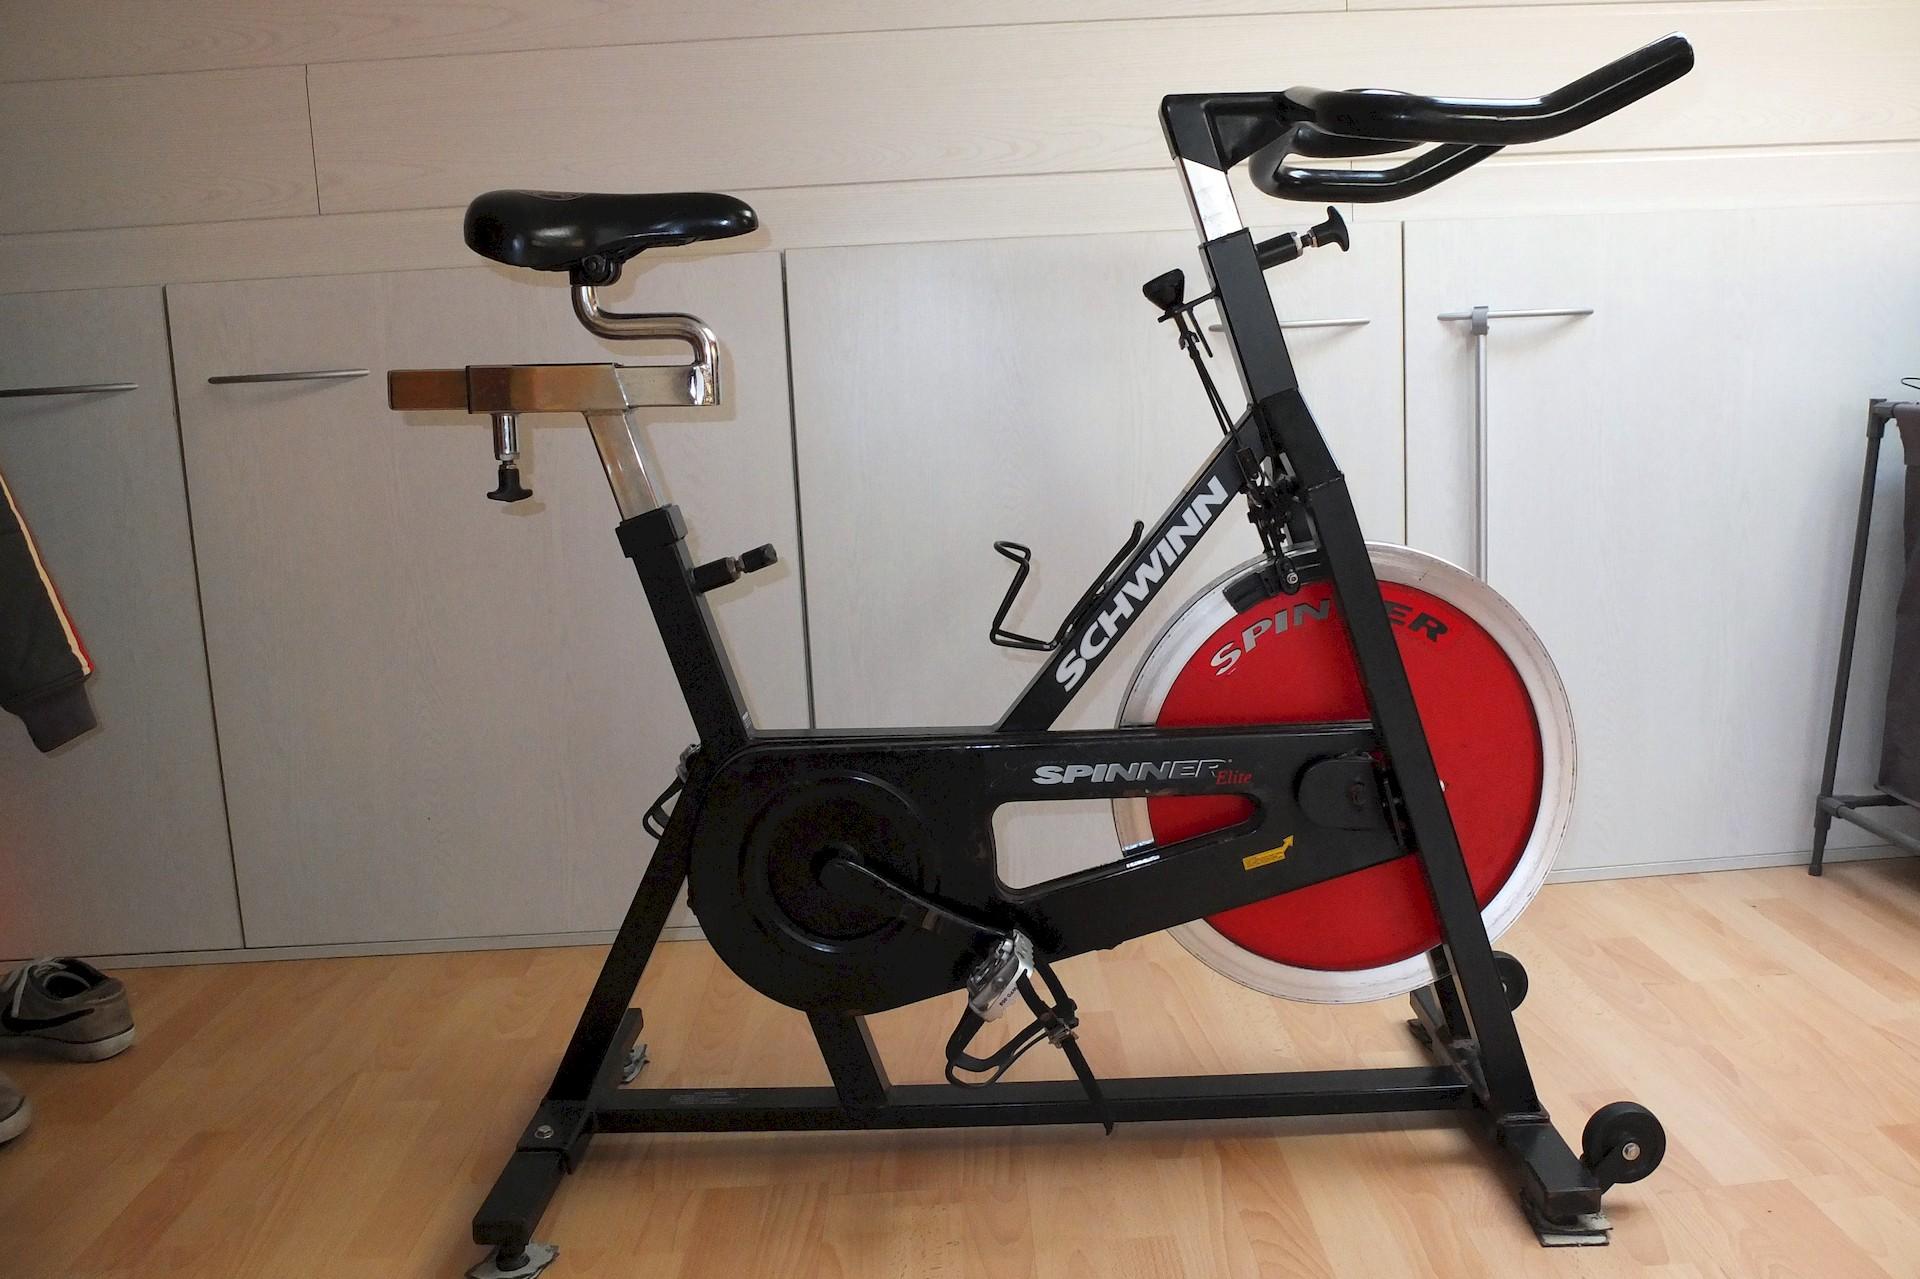 Spinning-Bike von Schwinn - Günstiges Trainingsgerät